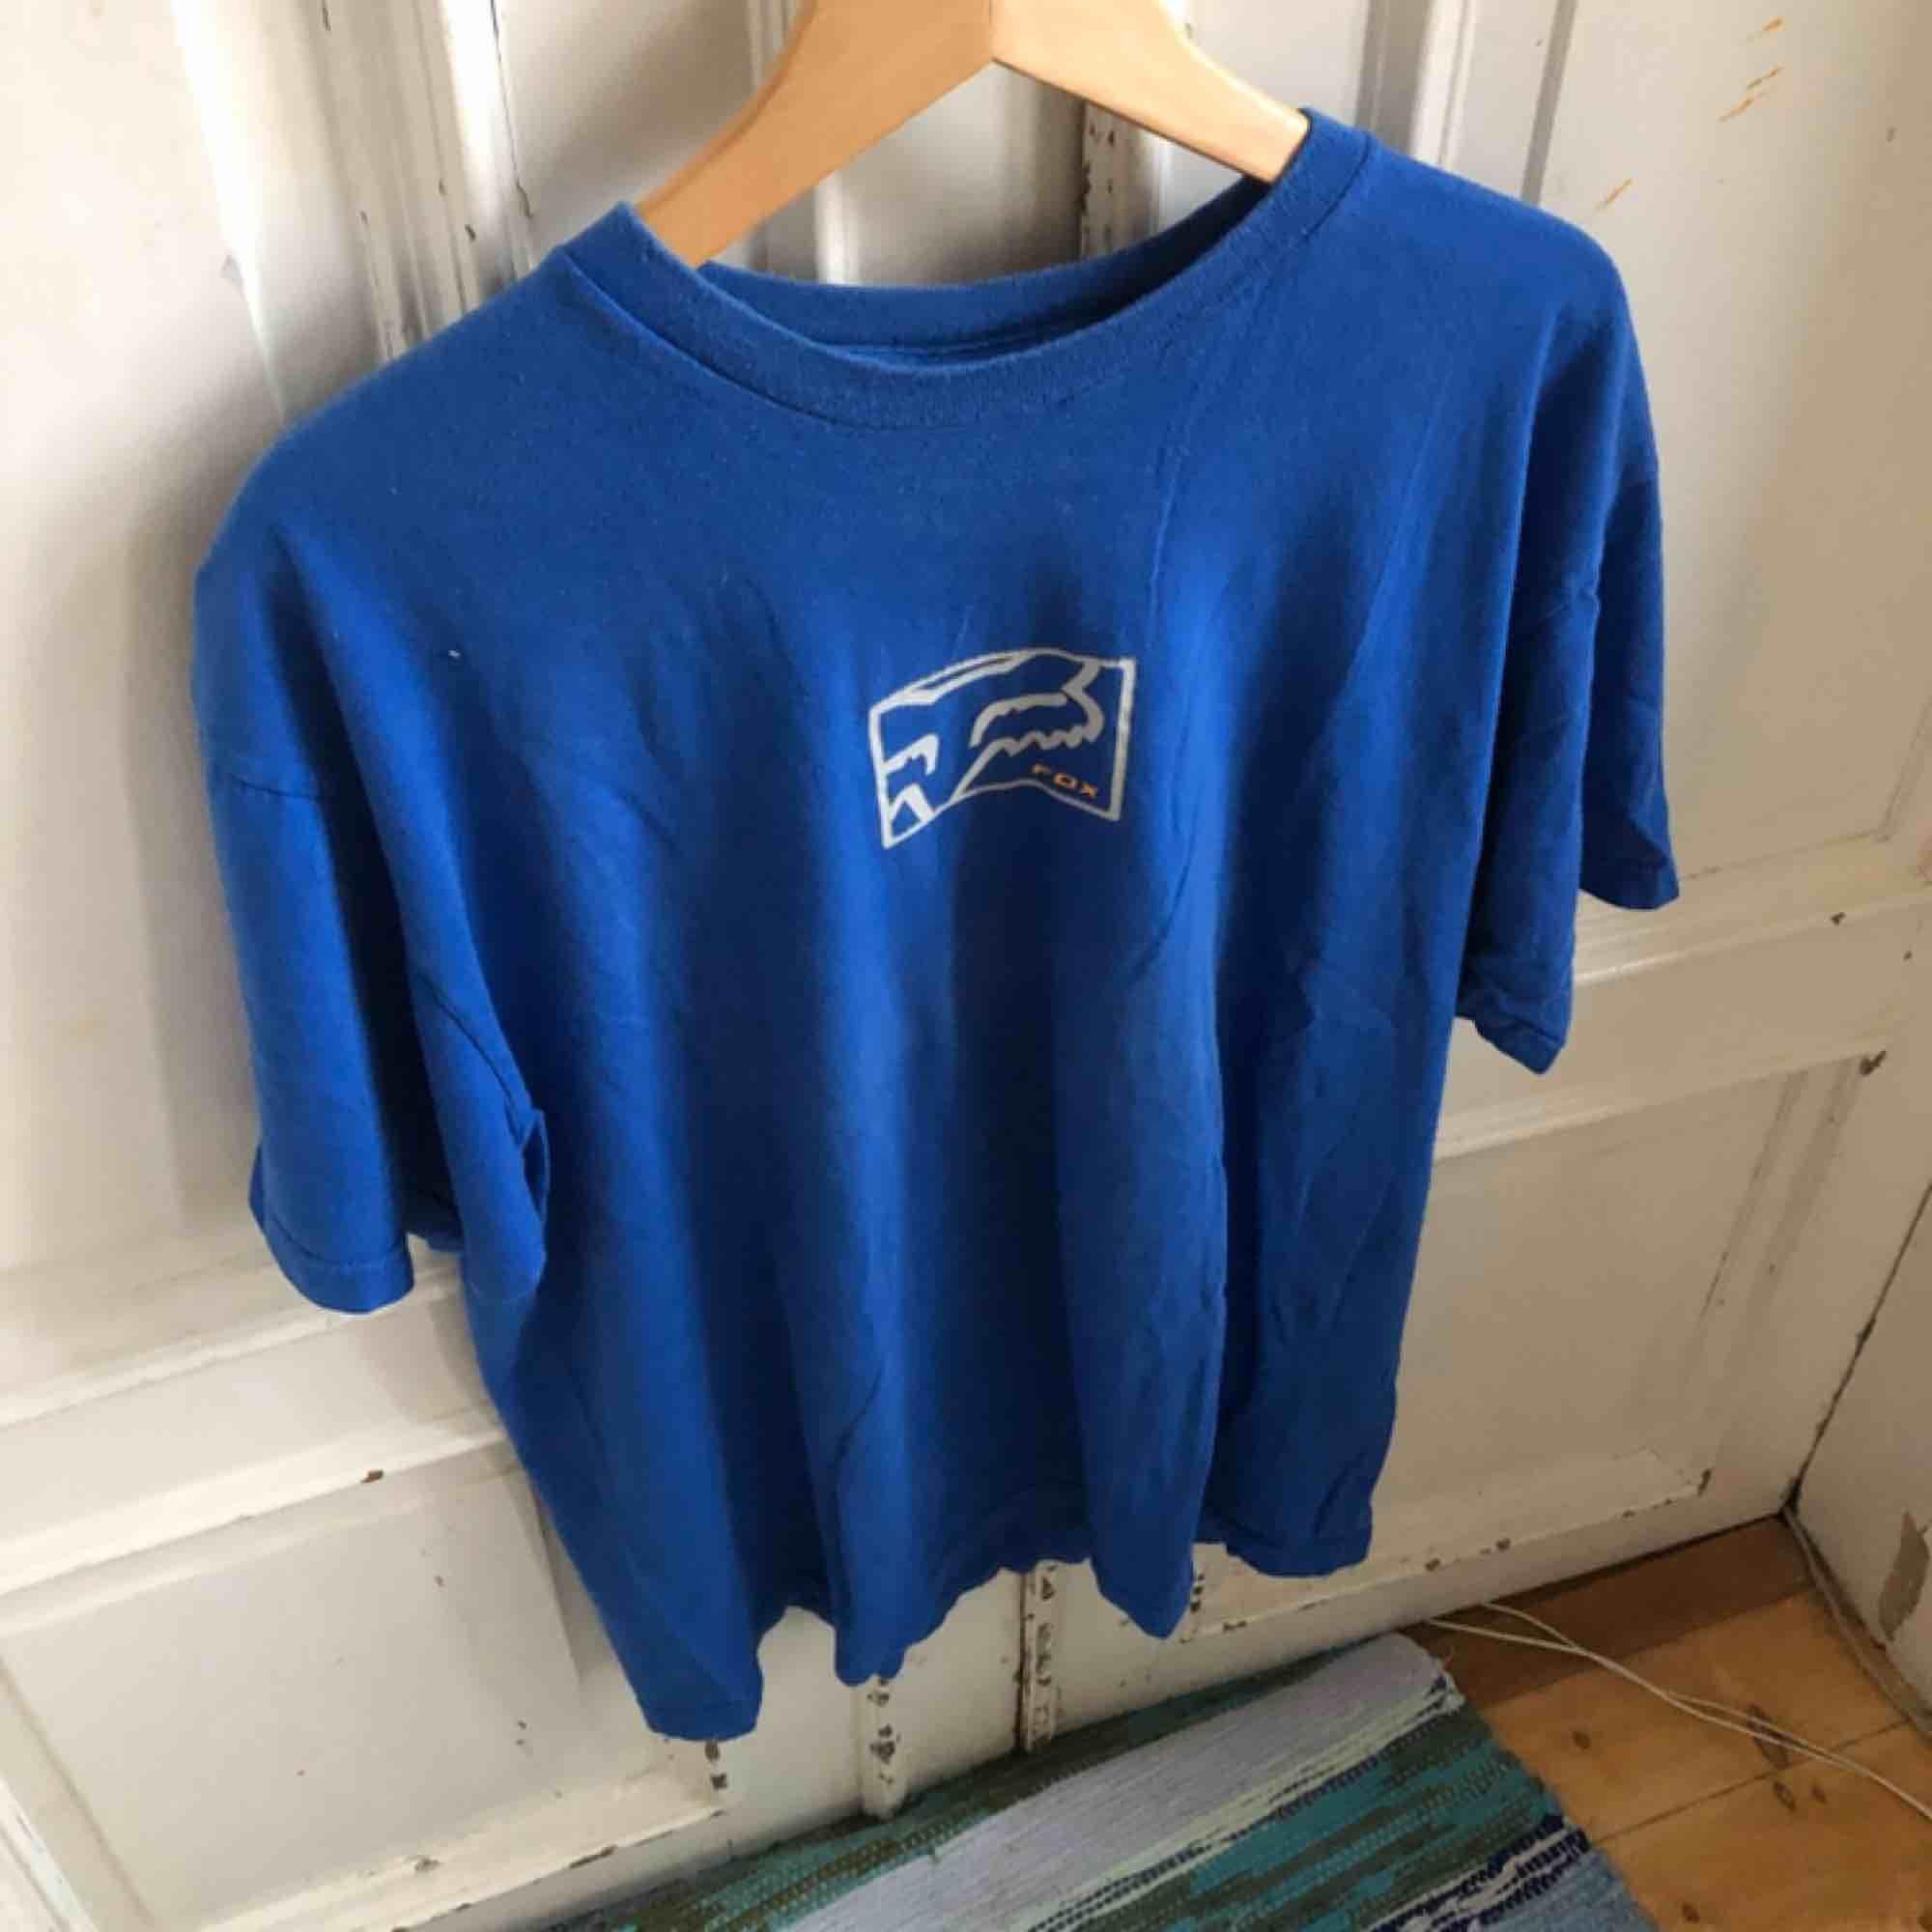 Väl använd och urtvättad. Viss krackelering på trycket. Härligt vintage-mjuk. . T-shirts.